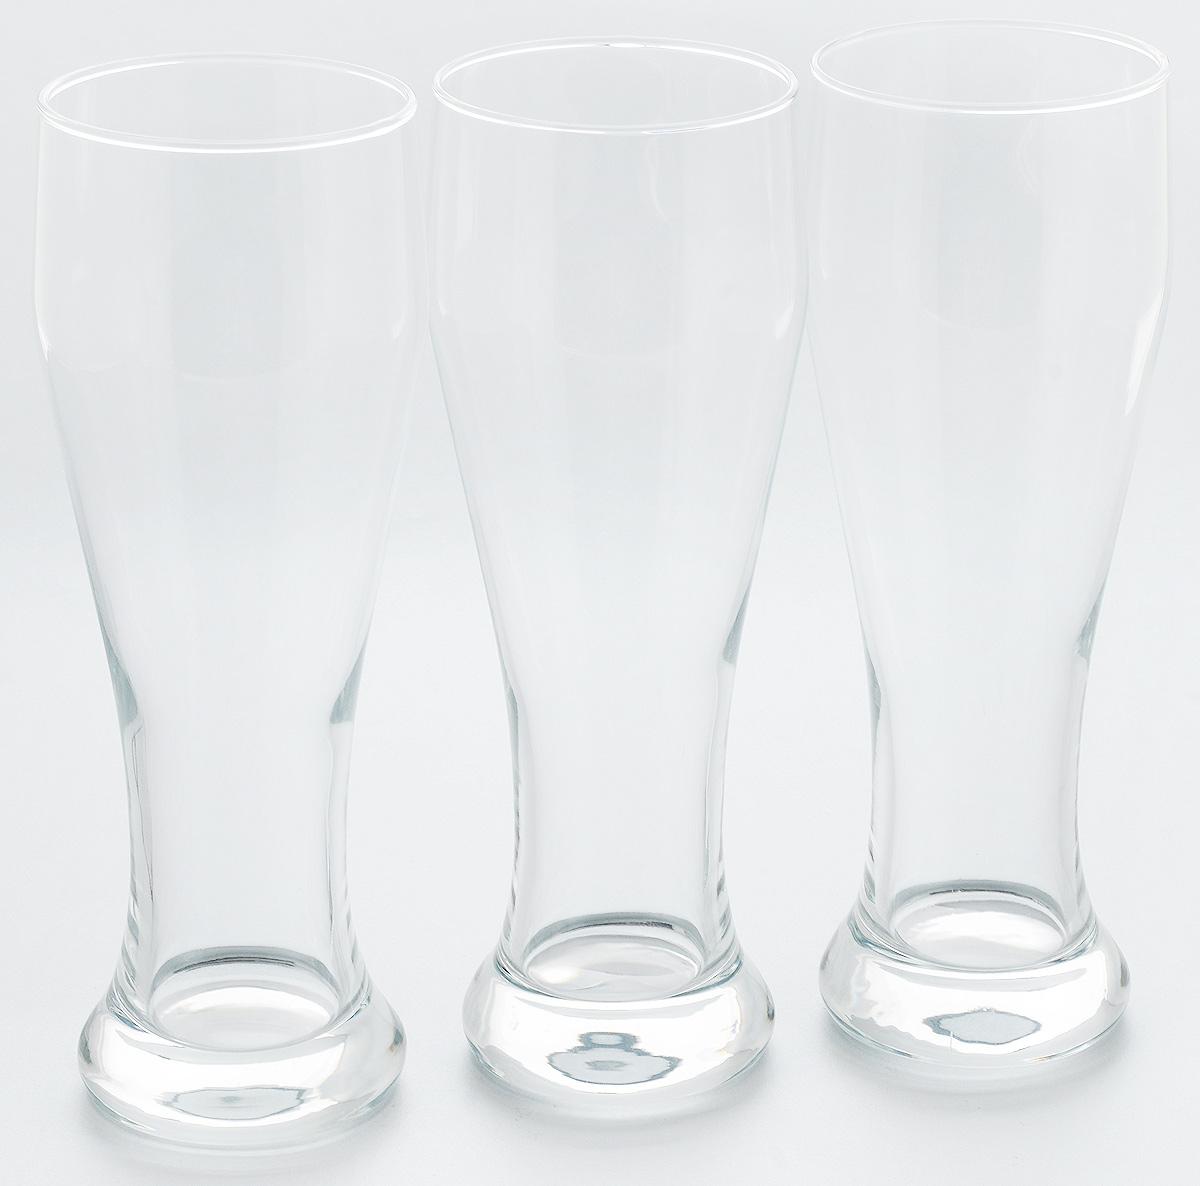 Набор стаканов для пива Pasabahce Pub, 665 мл, 3 шт42756//Набор Pasabahce Pub состоит из трех стаканов, выполненных из прочного натрий-кальций-силикатного стекла. Стаканы, оснащенные утолщенным дном, предназначены для подачи пива. Такой набор прекрасно подойдет для любителей пенного напитка. Стаканы можно использовать микроволновой печи до +70° С и холодильнике. Также подходят для мытья в посудомоечной машине. Высота стакана: 13,5 см. Диаметр стакана: 8 см. Диаметр дна: 7 см.